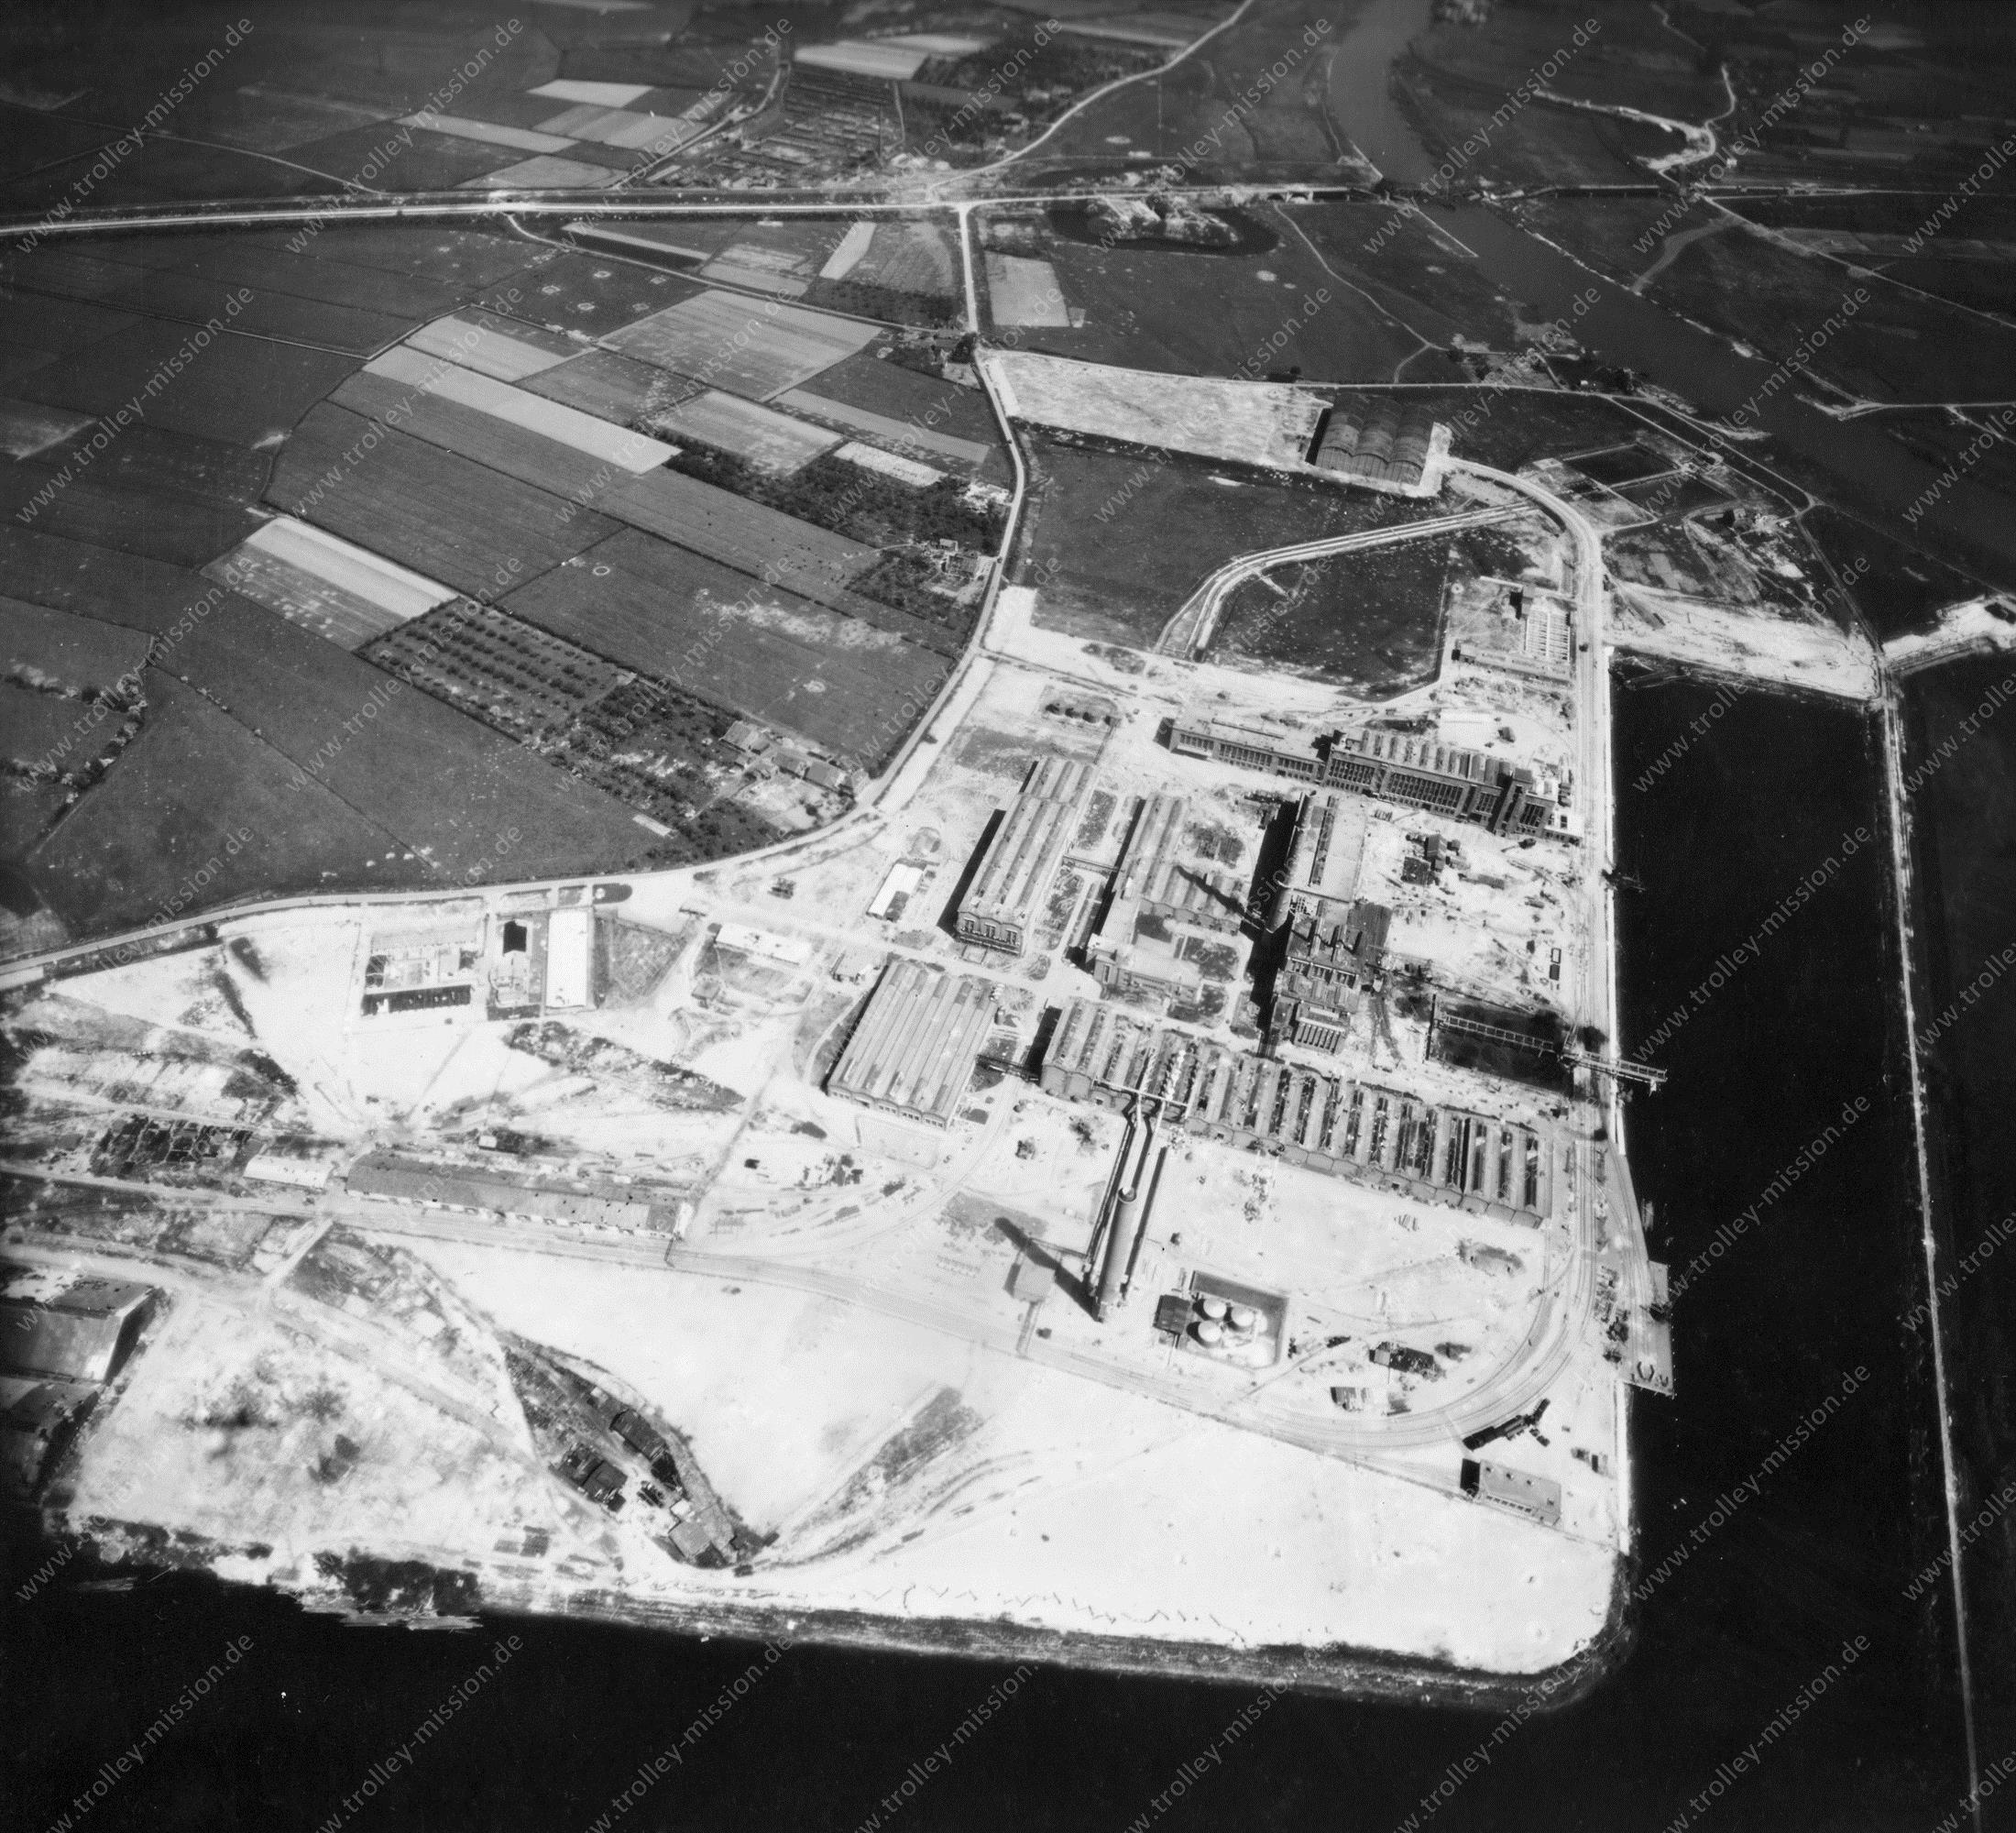 Arnhem Nieuwe Haven (Luchtfoto 3/5) - Kleefse Waard - Foto uit de Tweede Wereldoorlog